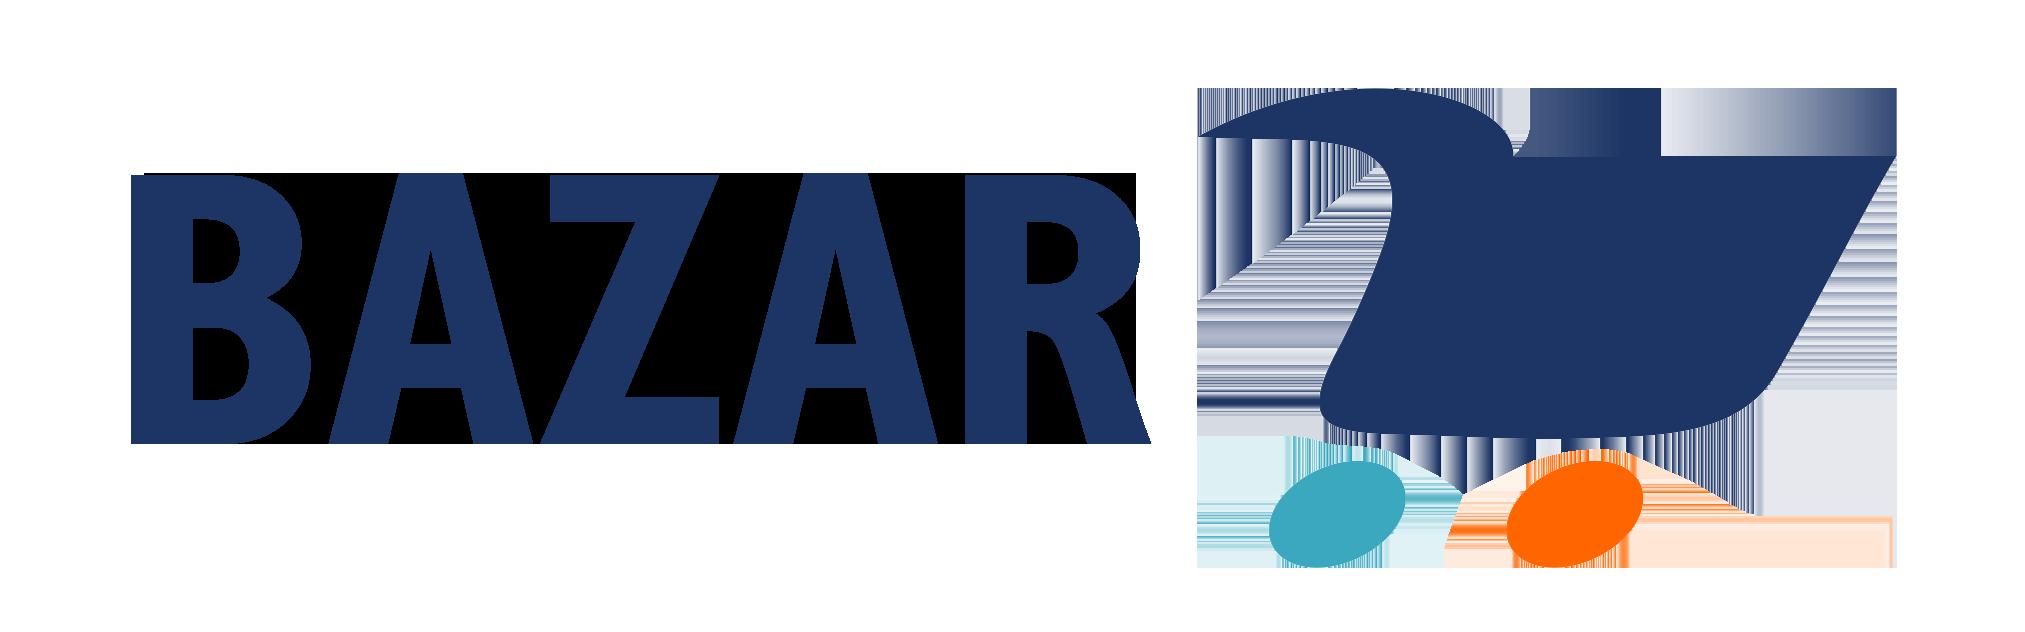 Bazar.rs Klasifikovani internet oglasnik, onlajn oglasnik, besplatni mali oglasi, oglasi